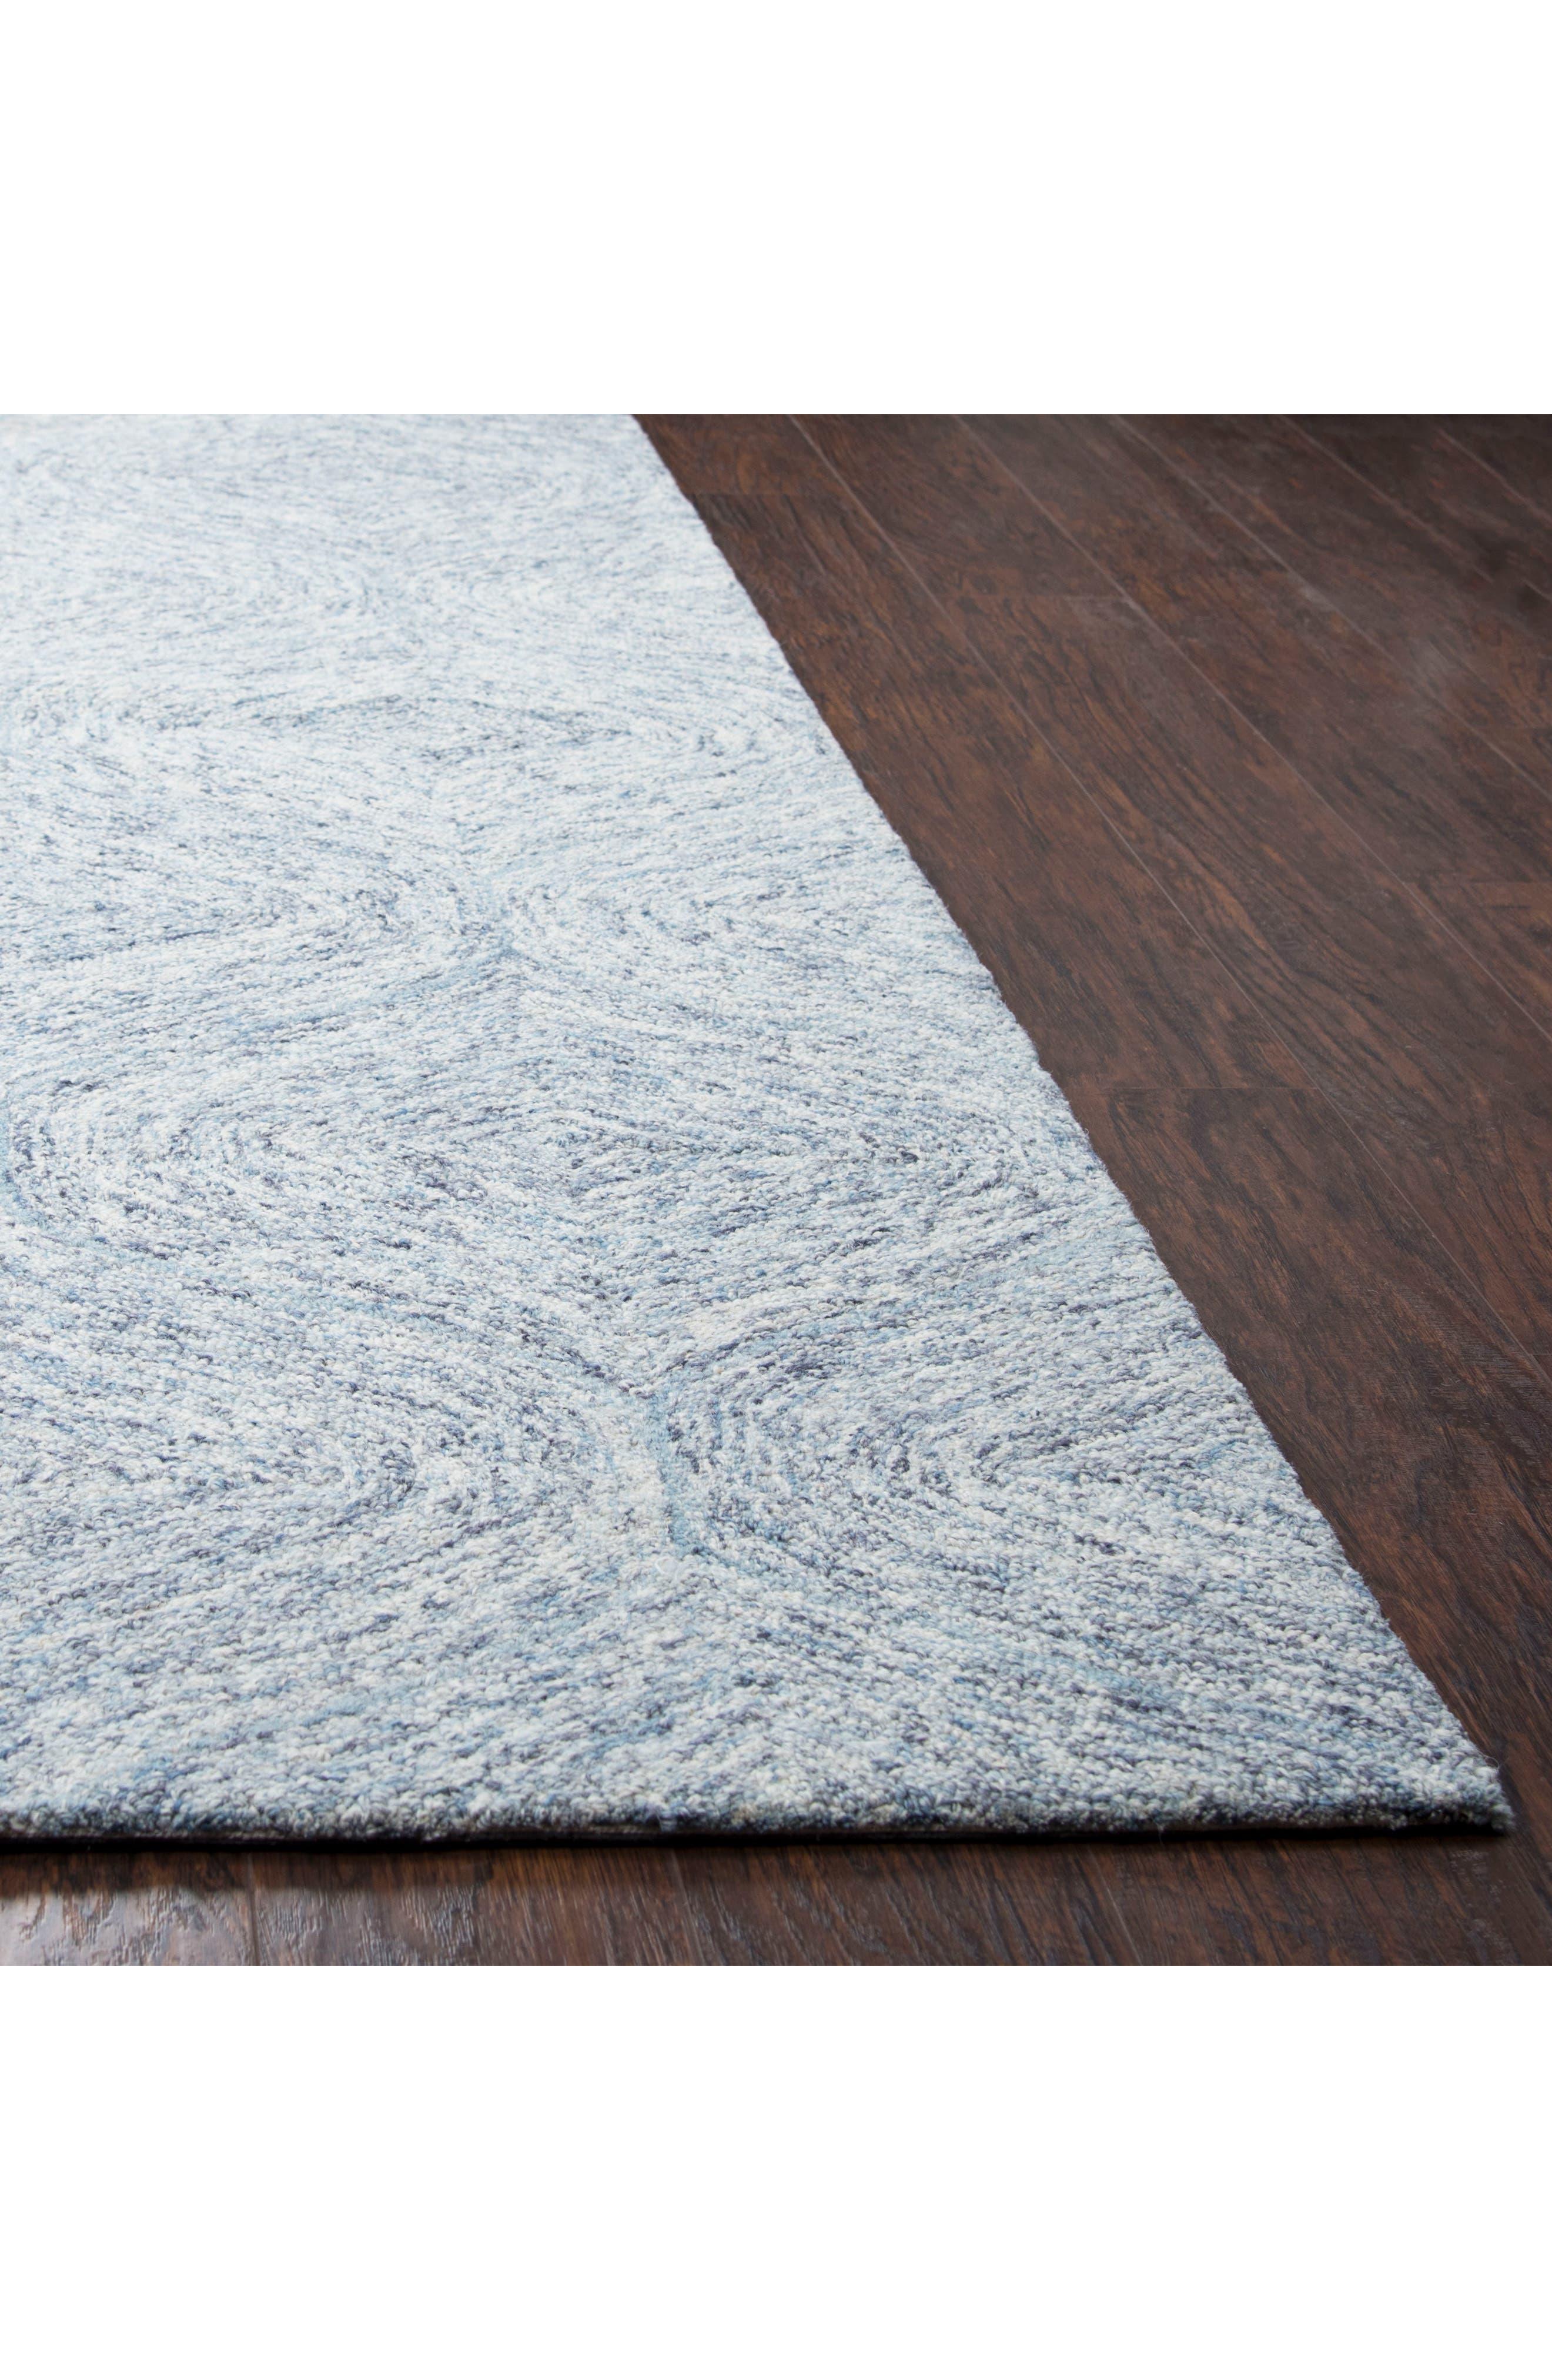 Irregular Diamond Hand Tufted Wool Area Rug,                             Alternate thumbnail 10, color,